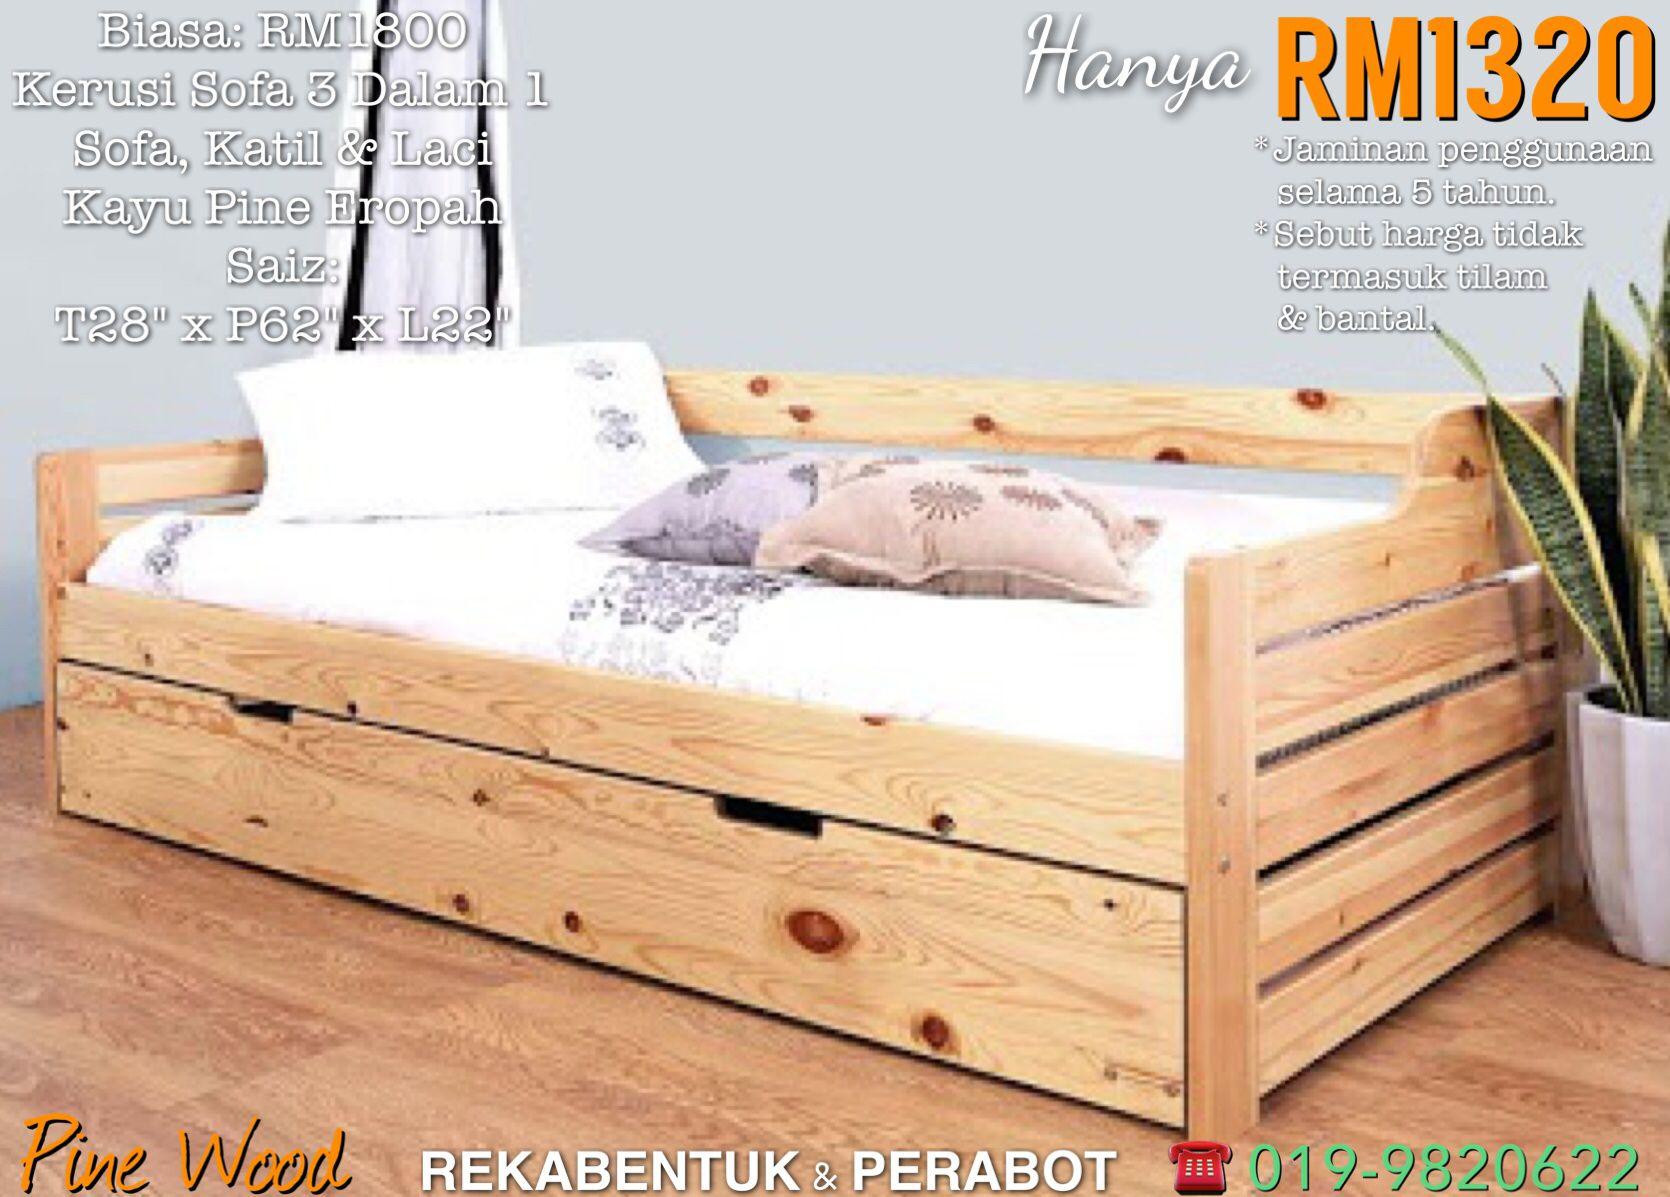 Kelantan Sofa Bed Design